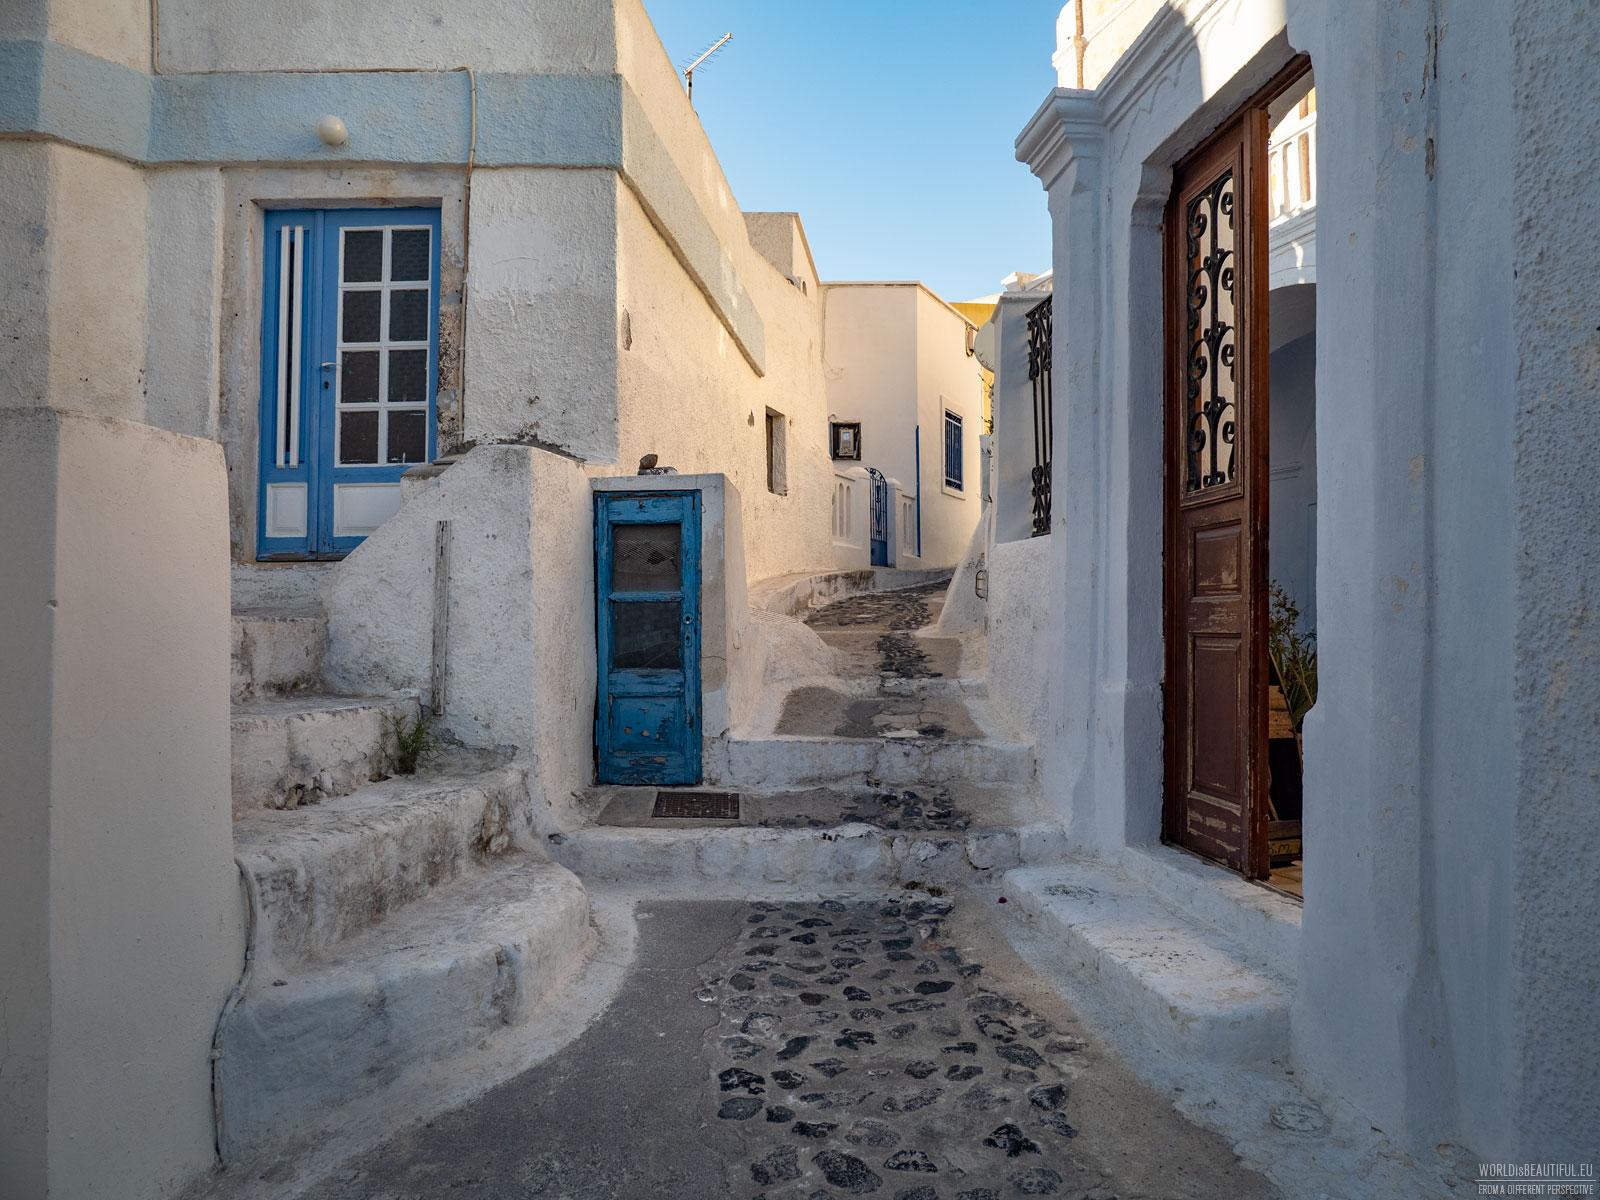 In a Greek maze